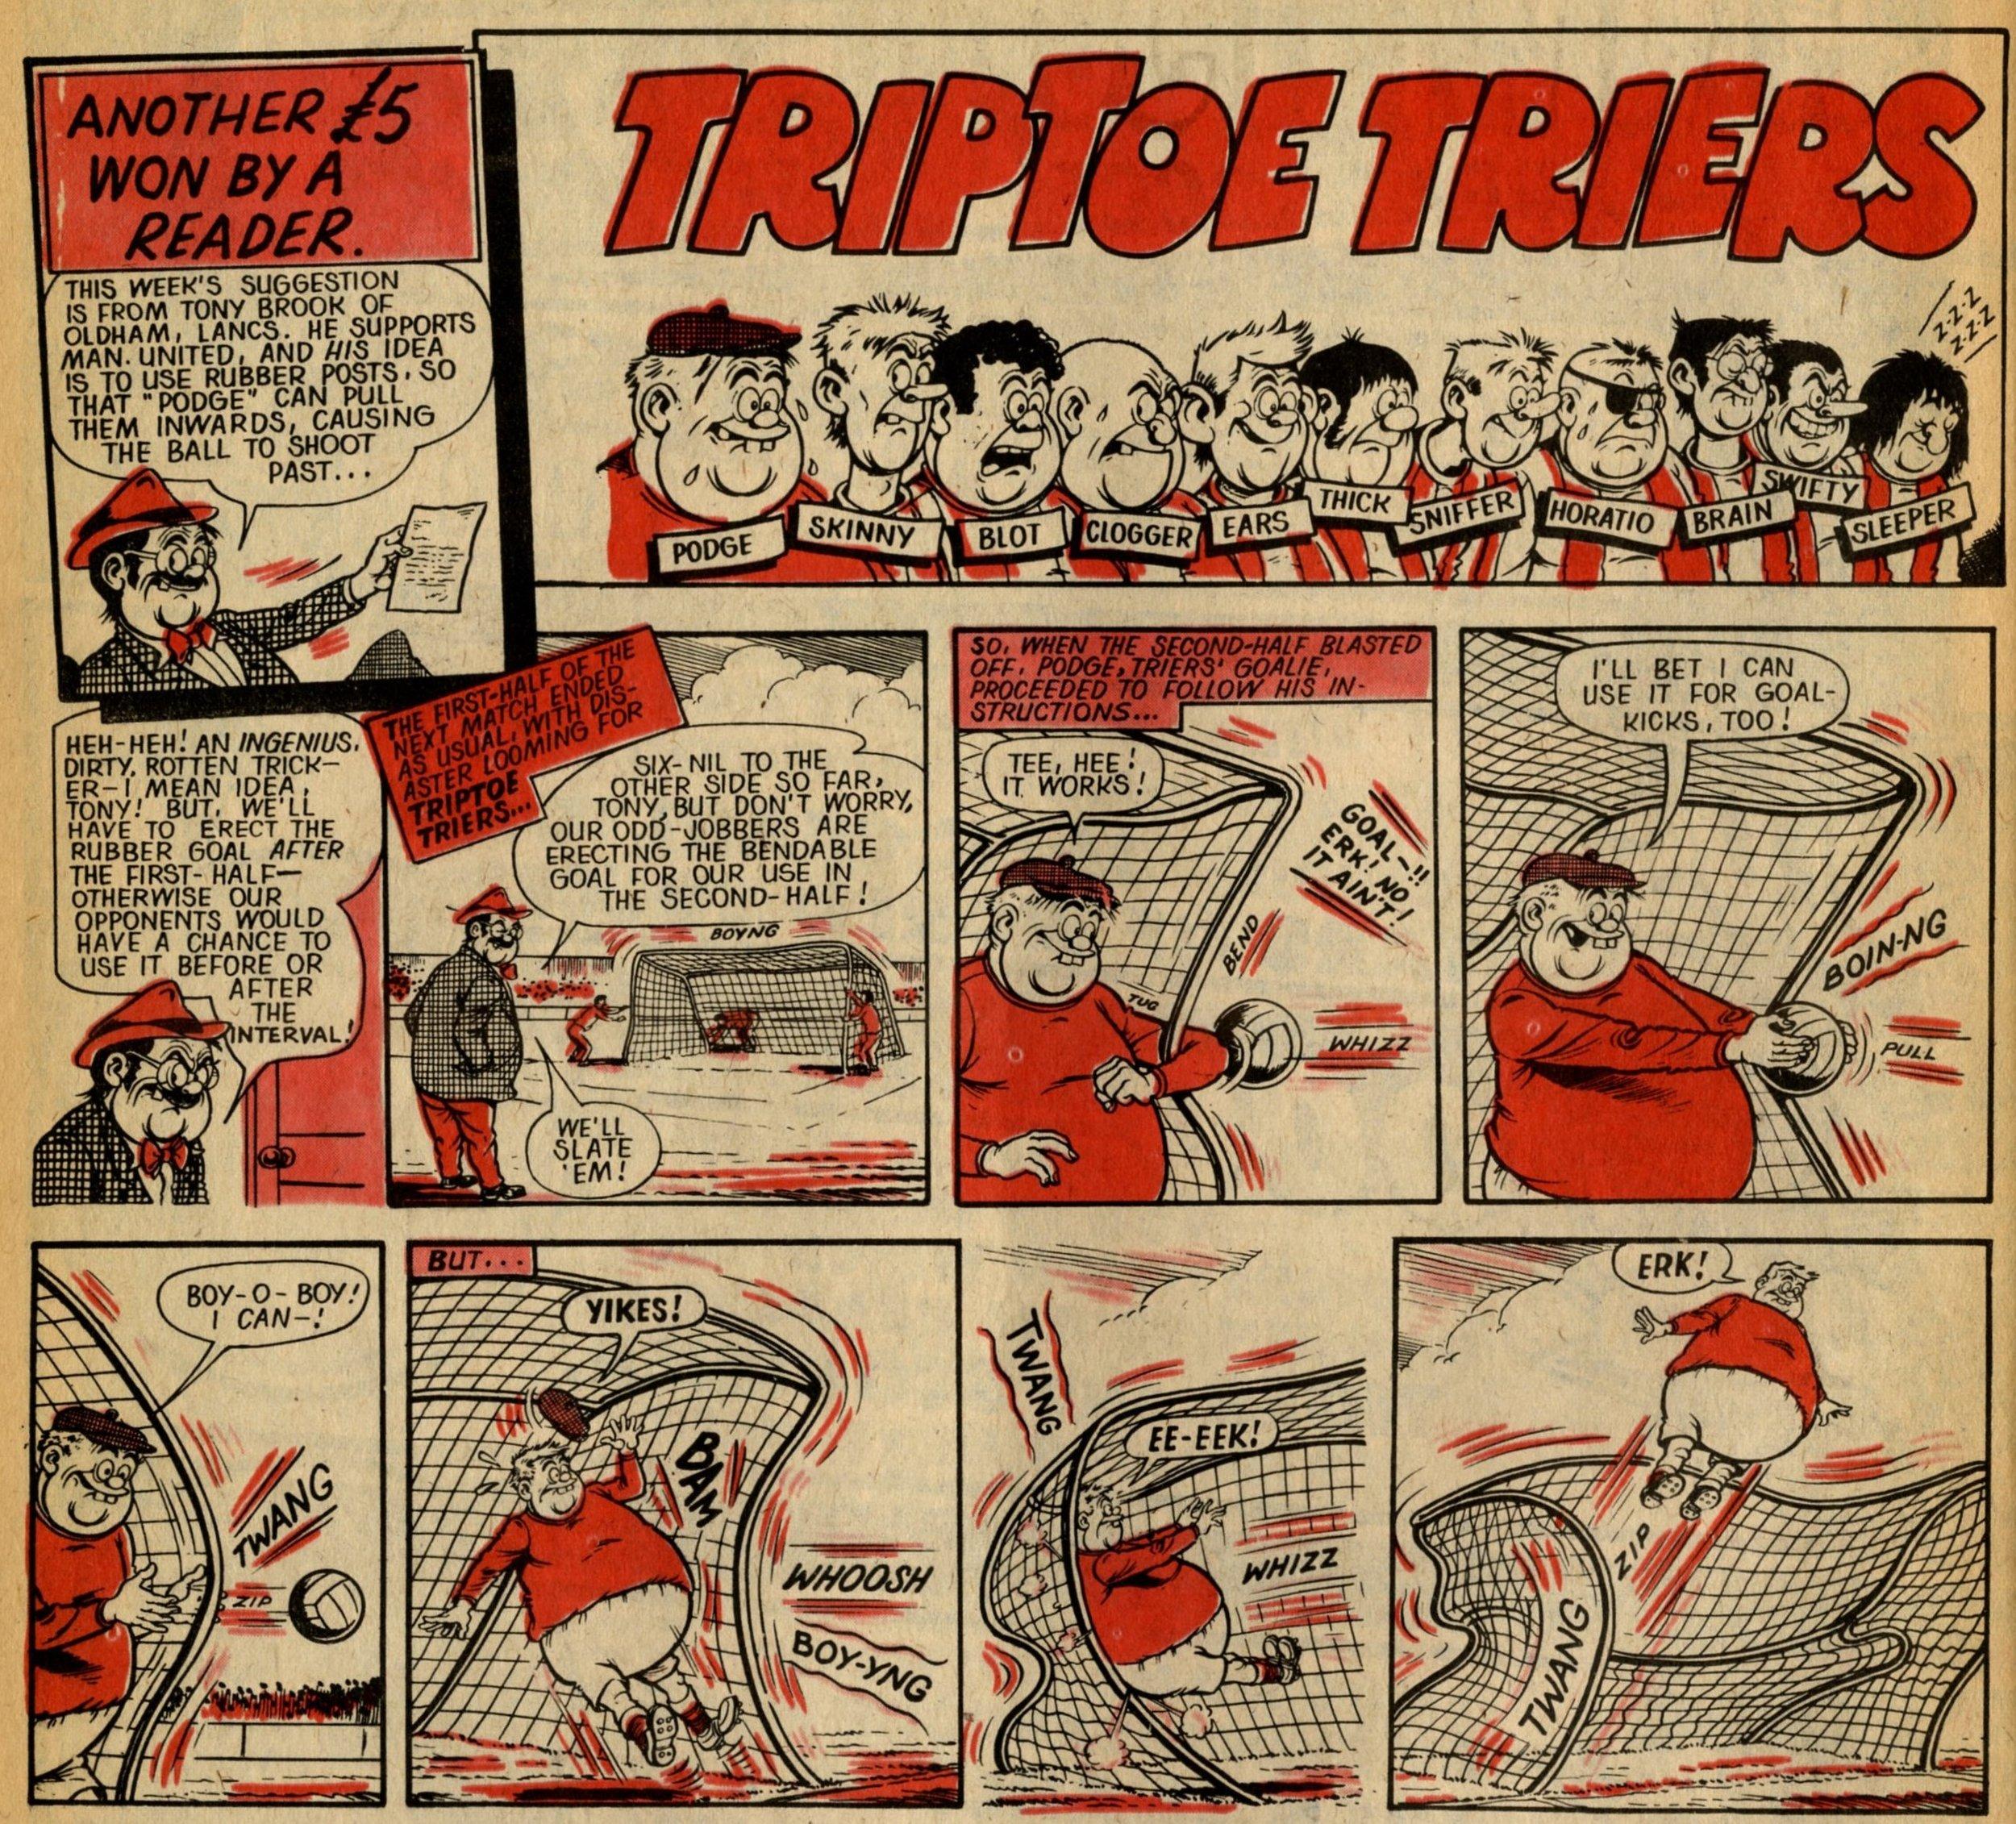 Triptoe Triers: Ken Reid (artist)